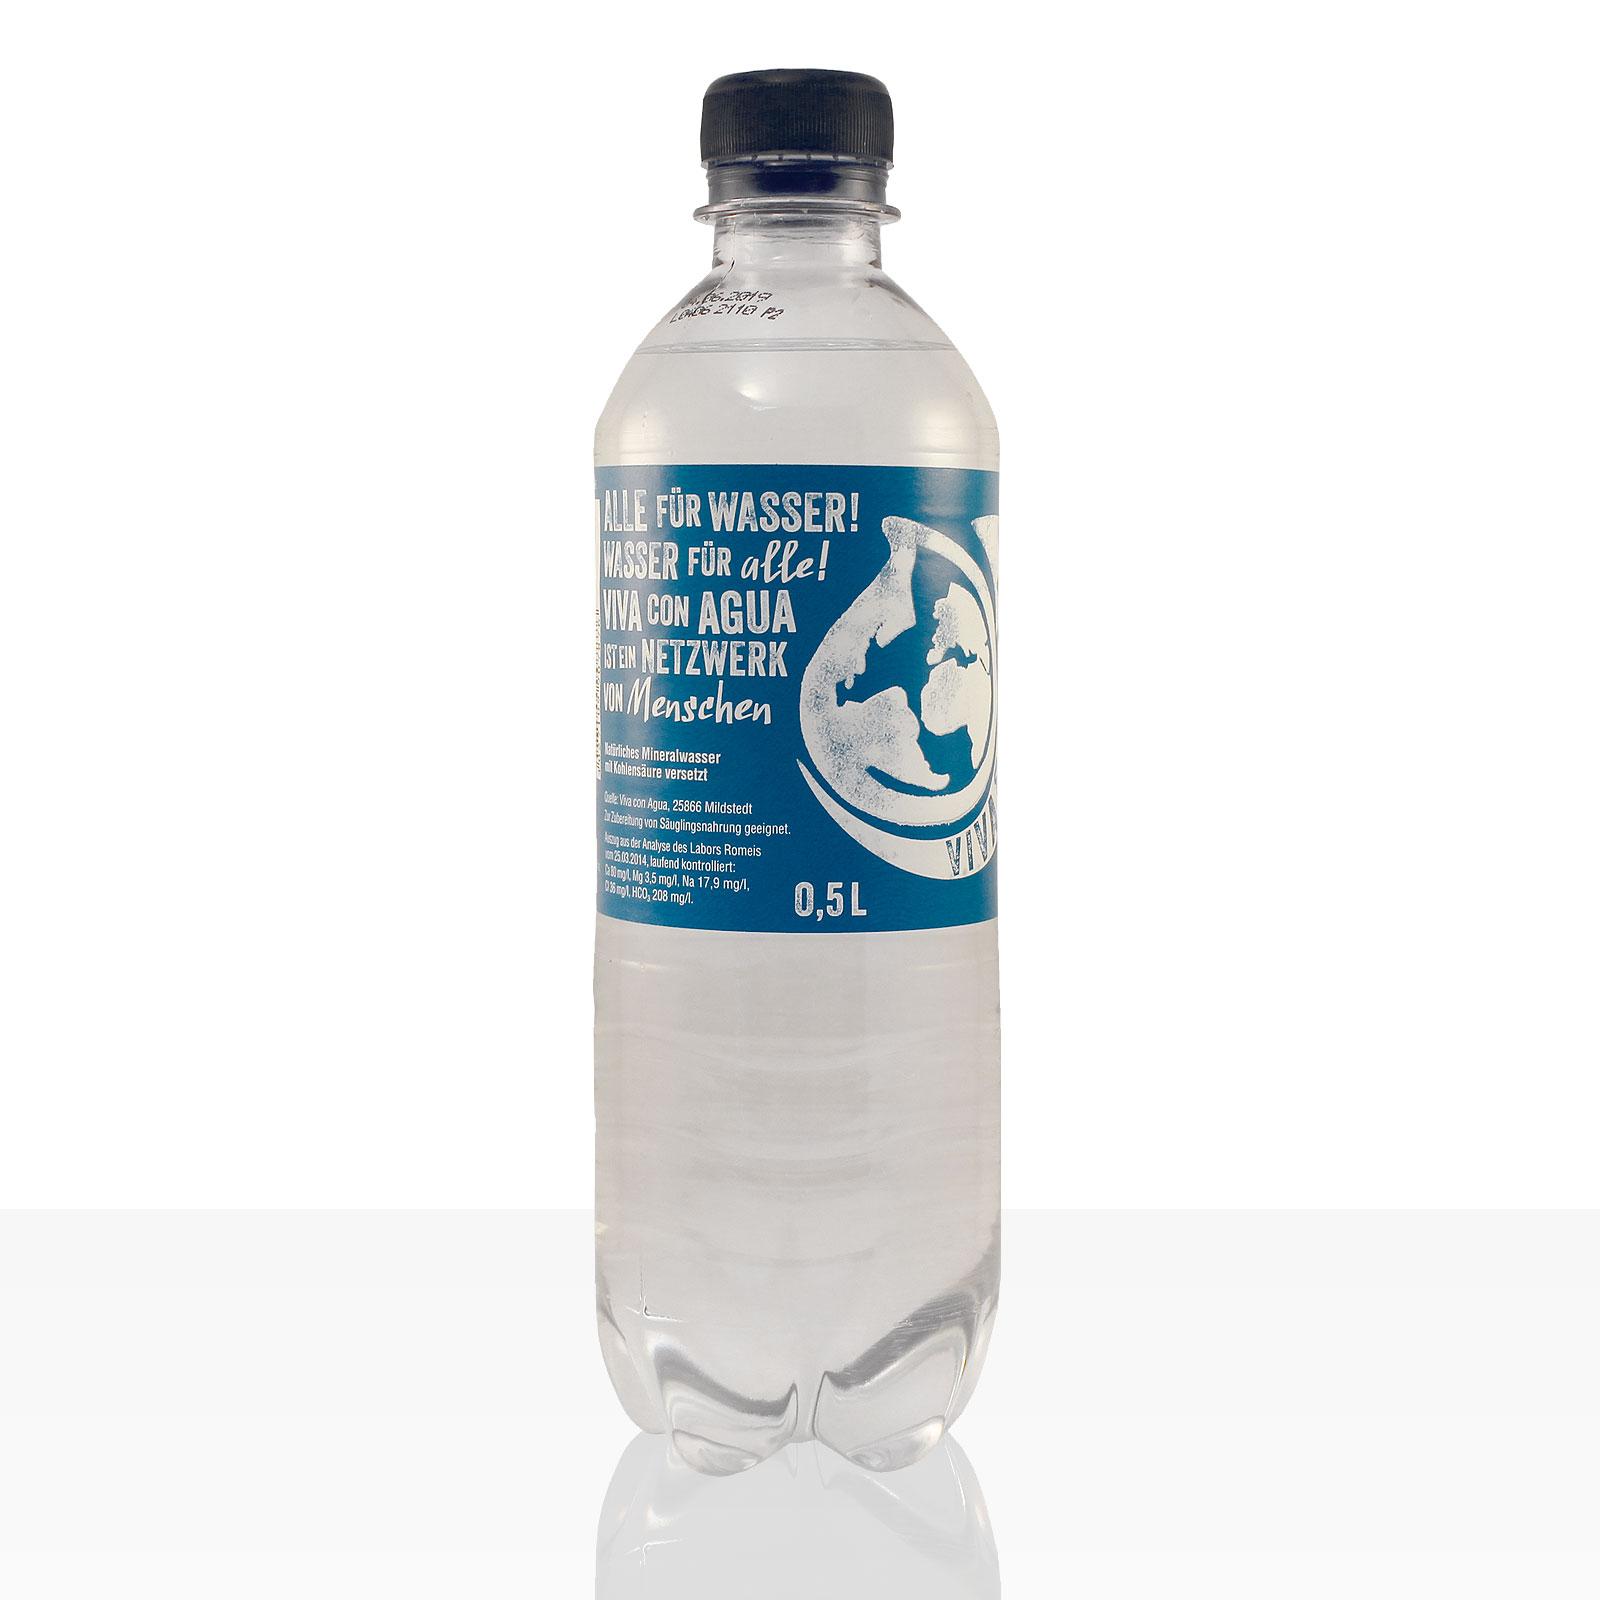 viva con agua mineralwasser laut pet flasche 0 5l mit kohlens ure 1 stk inkl pfand weiteres. Black Bedroom Furniture Sets. Home Design Ideas